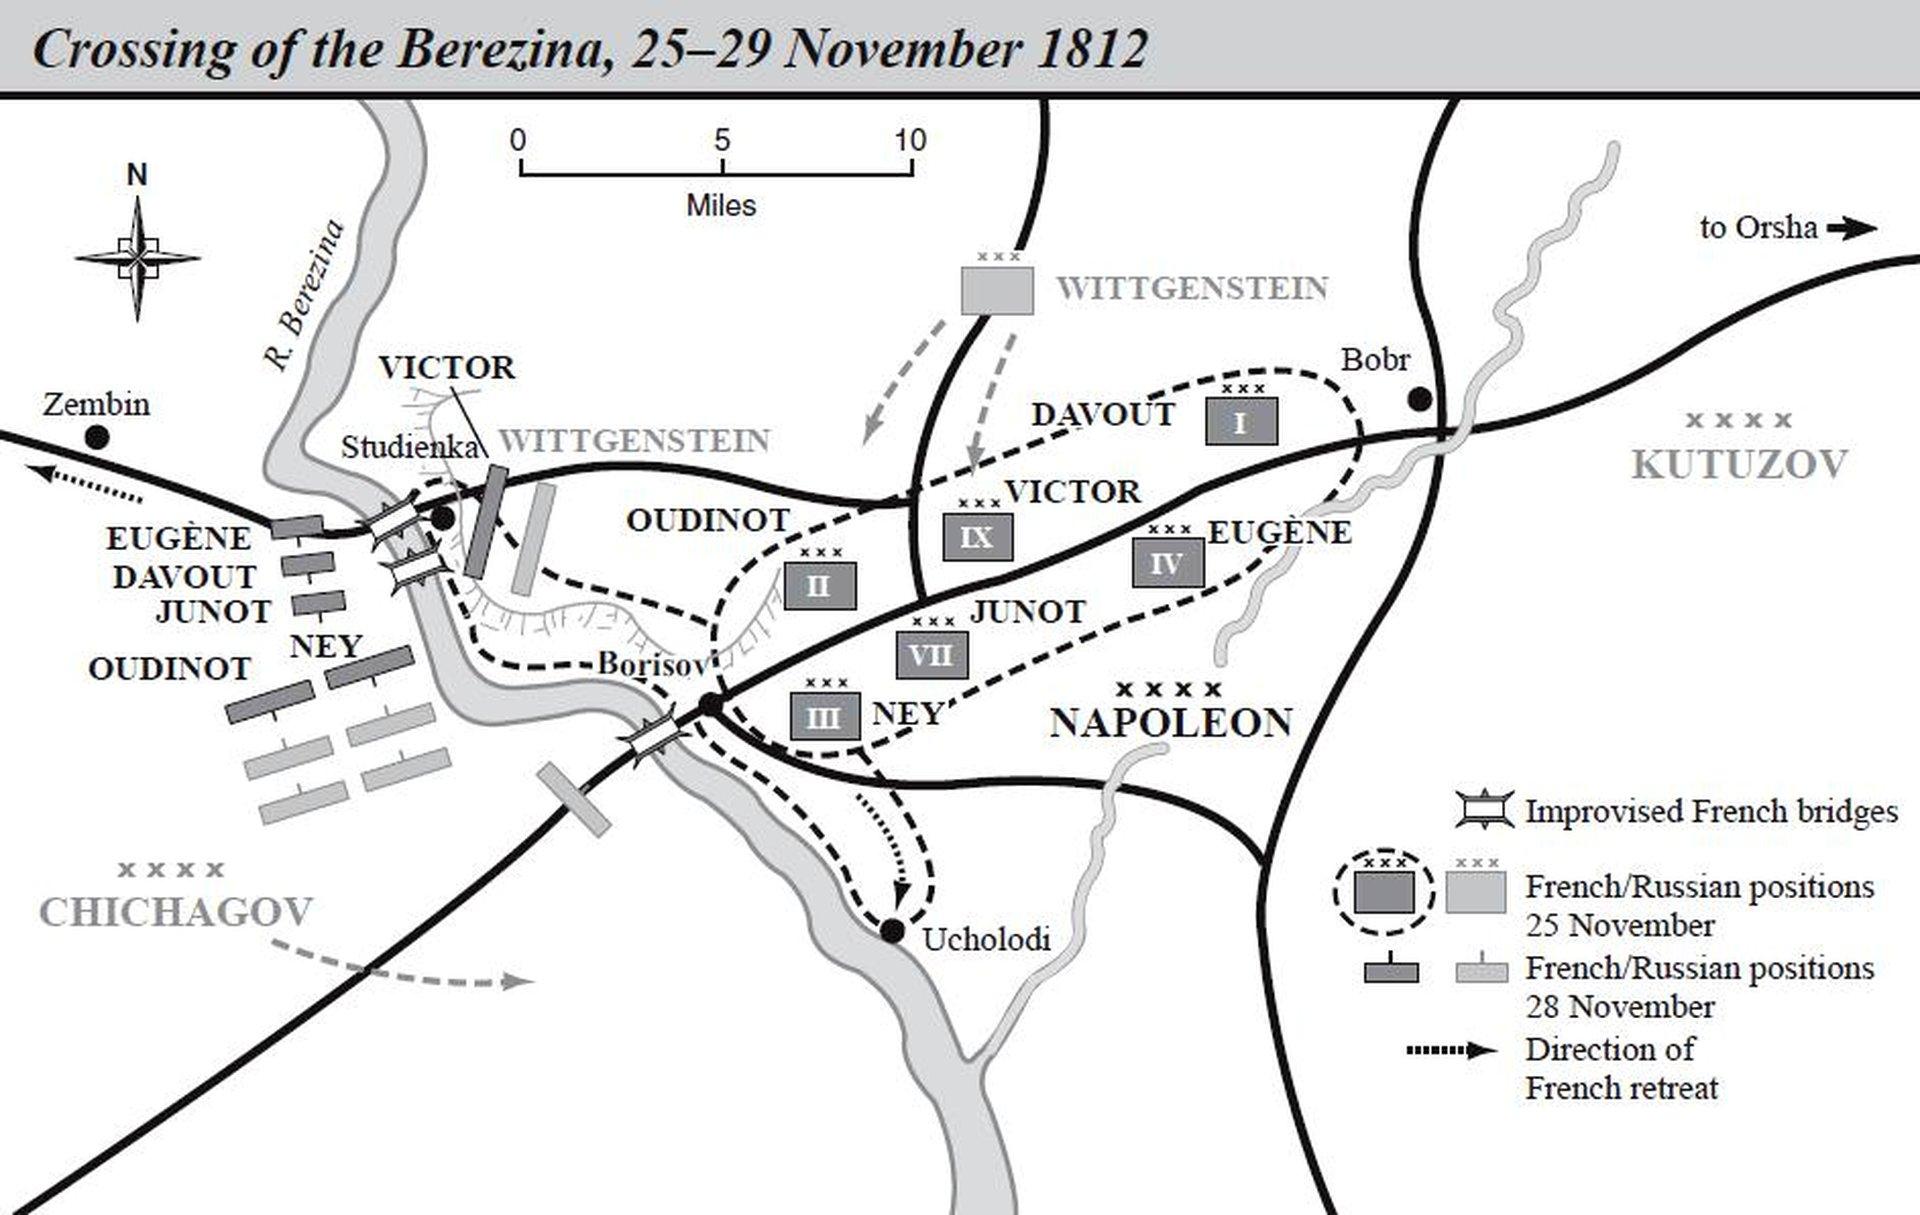 битва на реке березине 1812